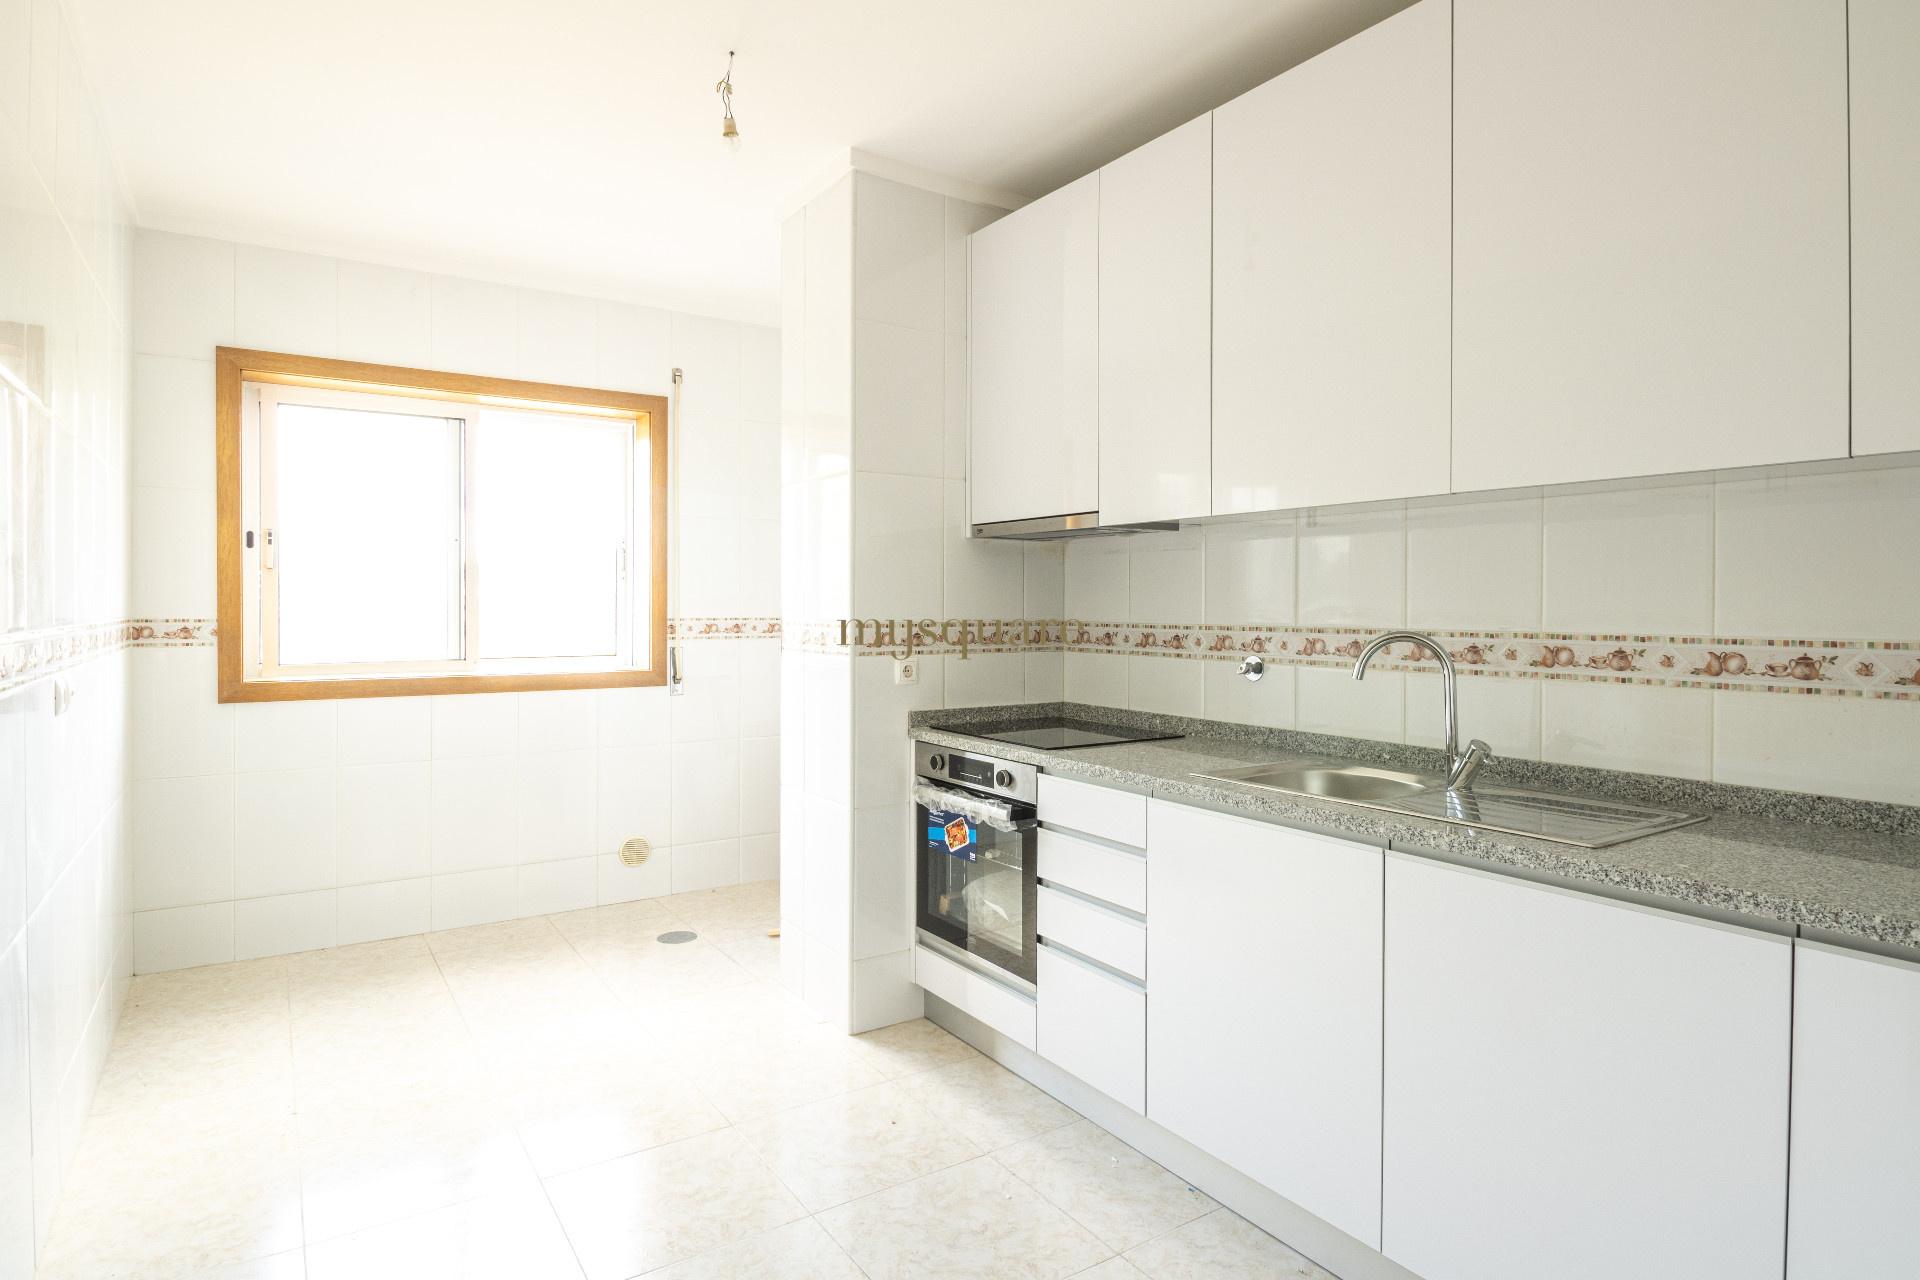 Apartamento T2 renovado com duas varandas em Sanfins, Santa Maria da Feira